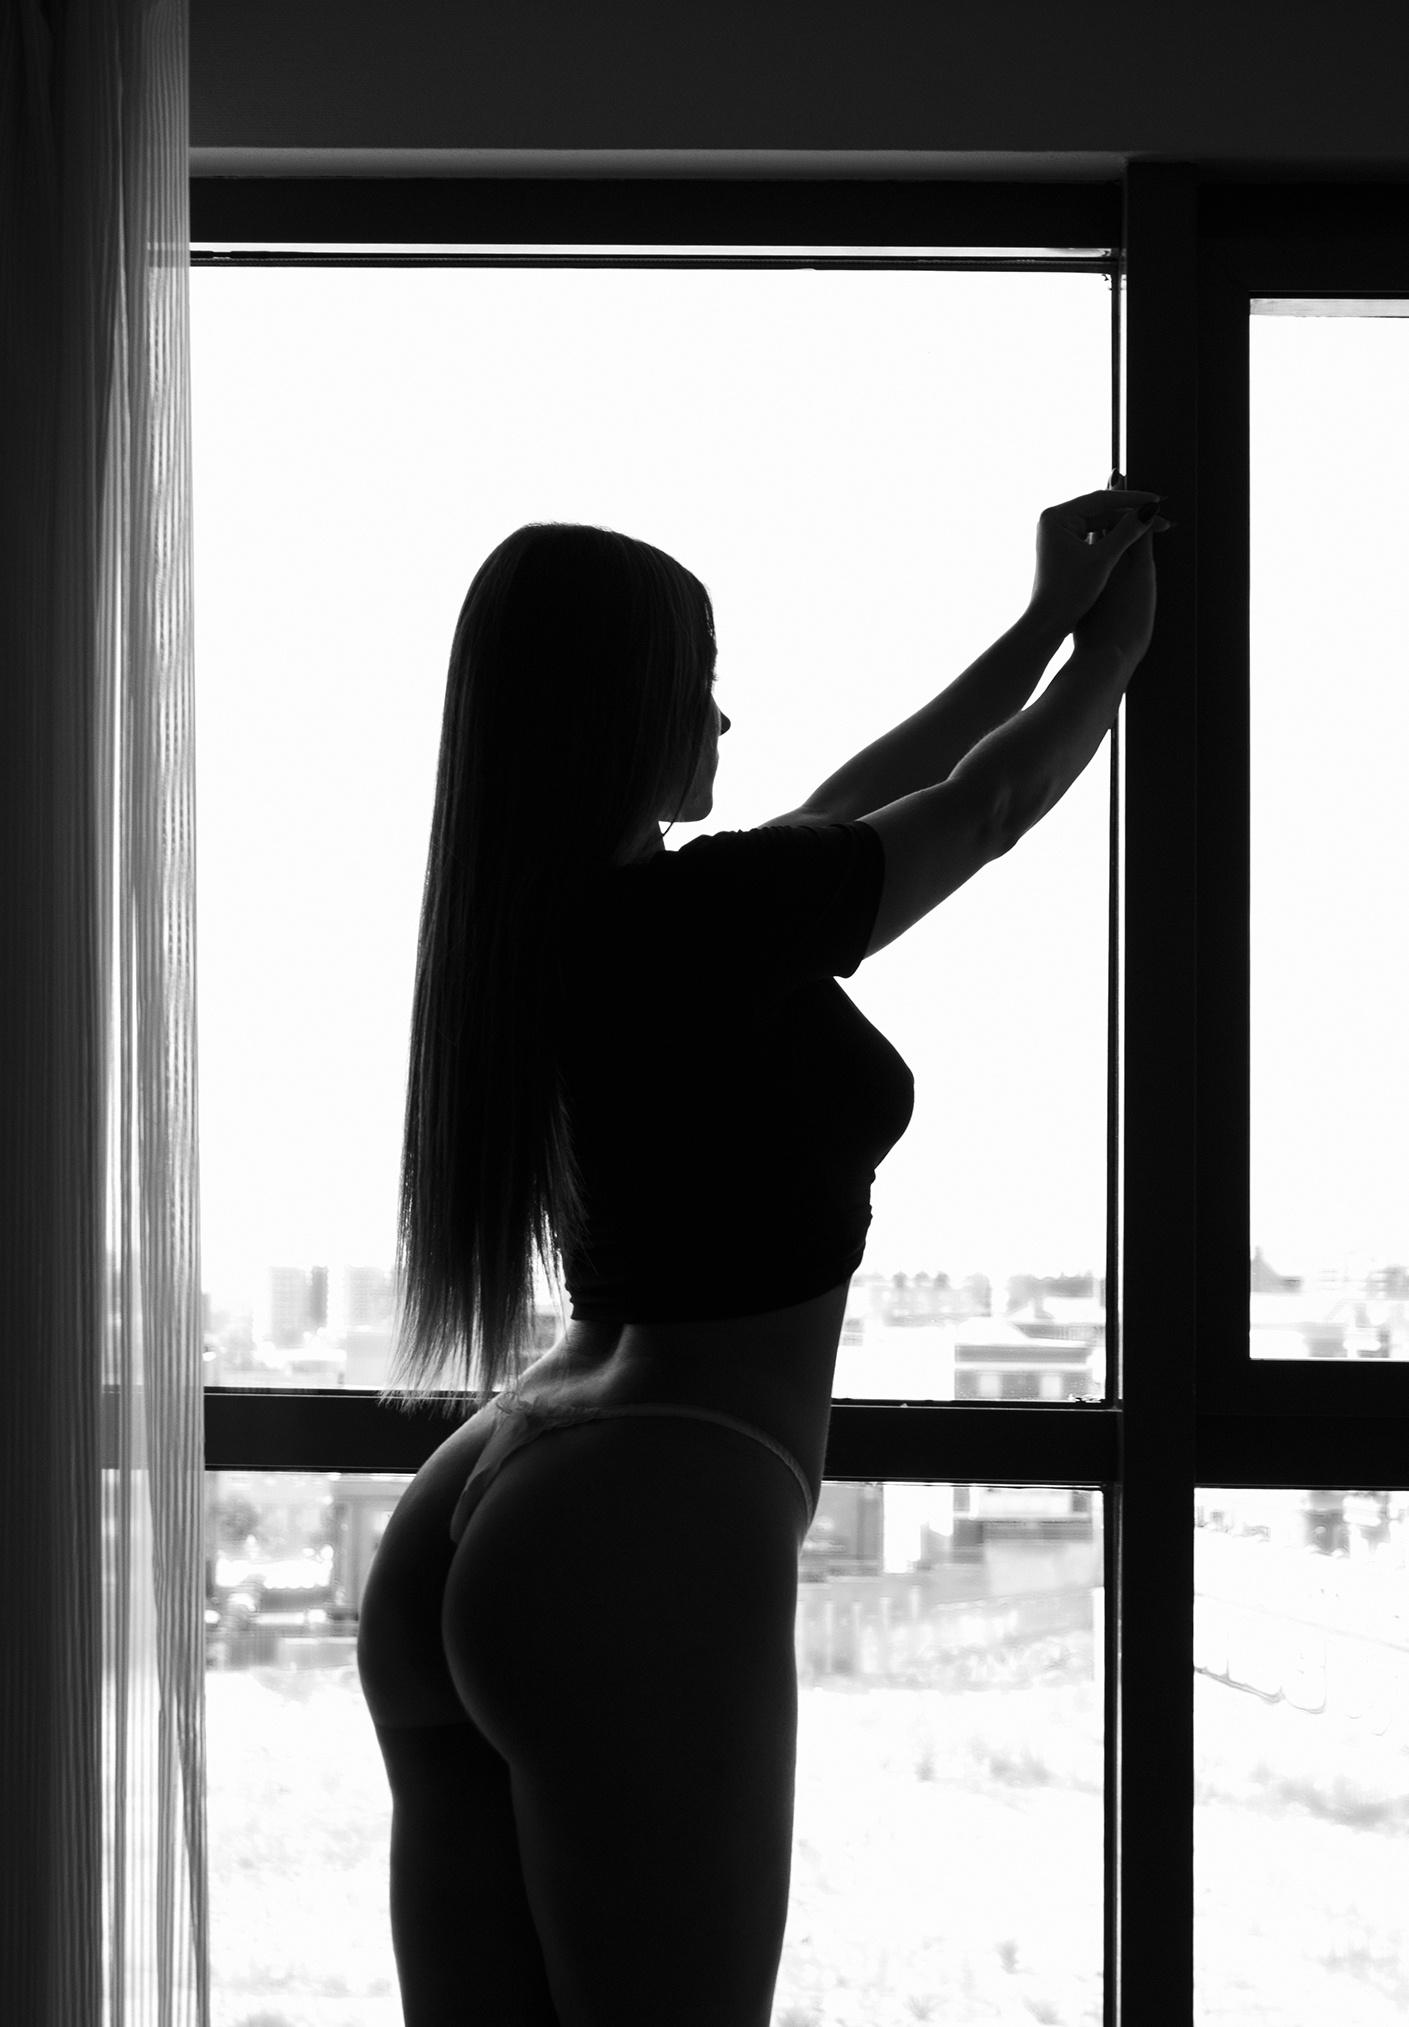 Anastasia - Acceso gratuito - Desnudo, semidesnudo y boudoir. Fotografía por Javier Cuevas